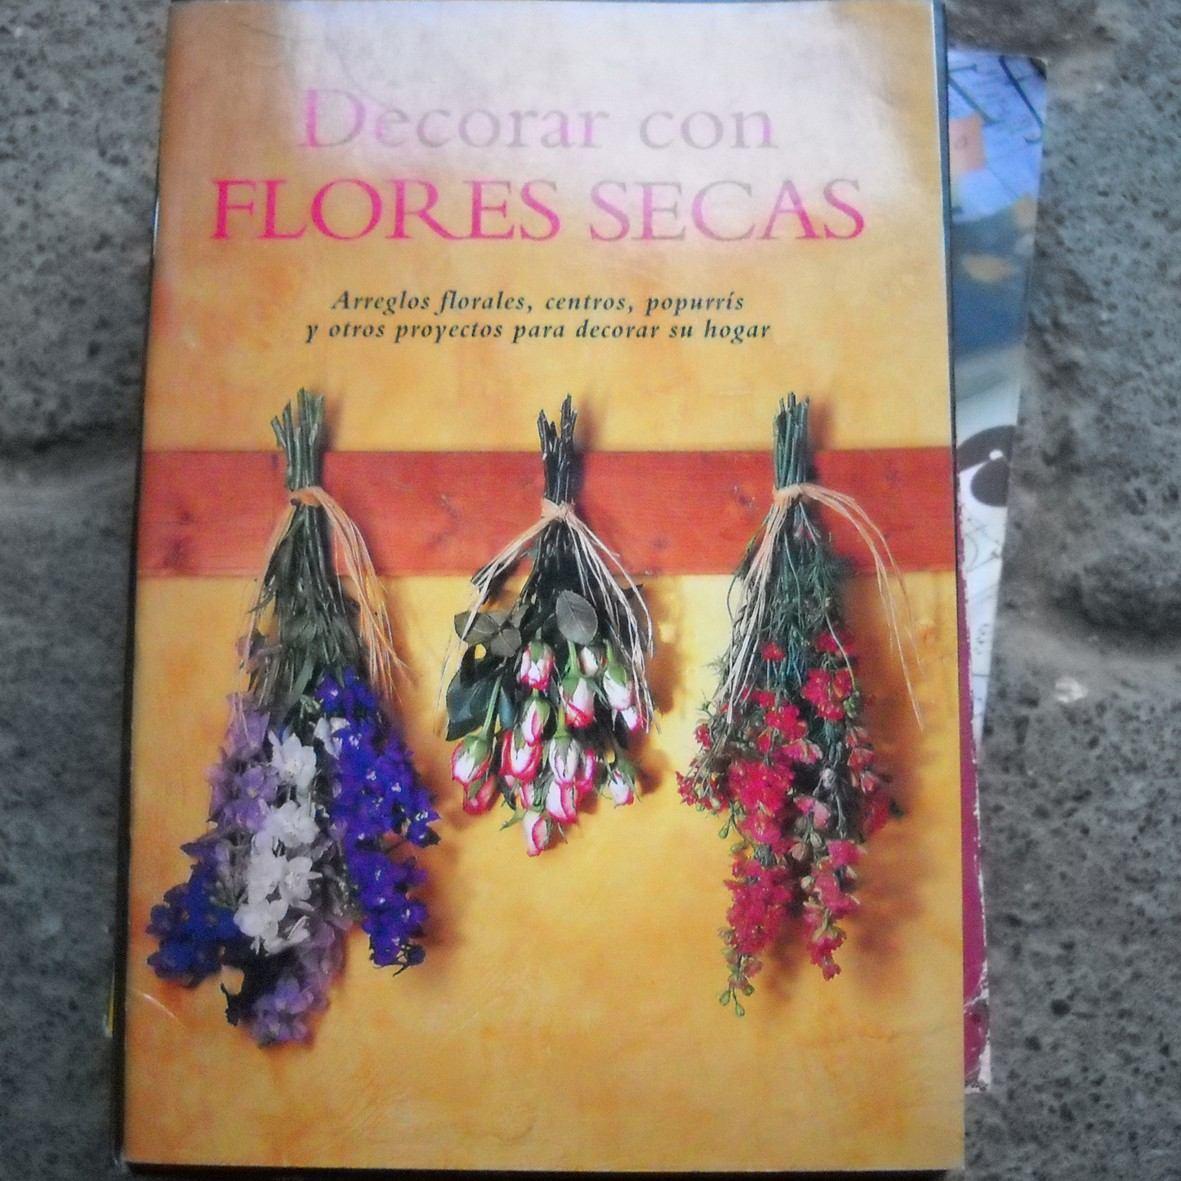 Decorar con flores secas arreglos florales centros - Arreglos florales con flores secas ...